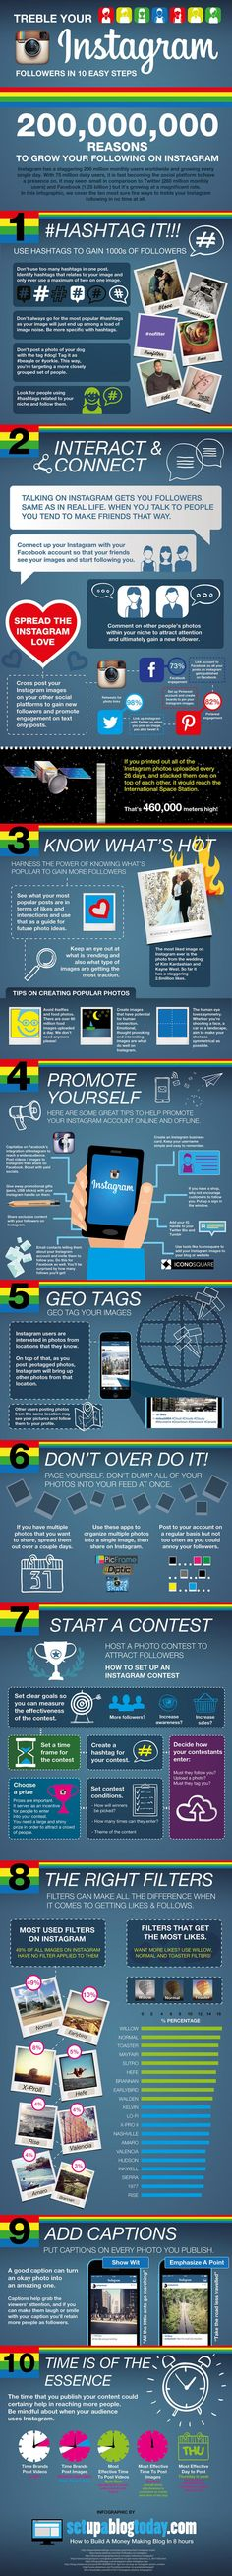 Instagram es una de las redes sociales de mayor crecimiento en los últimos meses. Esta infografía nos muestra 10 recomendaciones para lograr más seguidores.